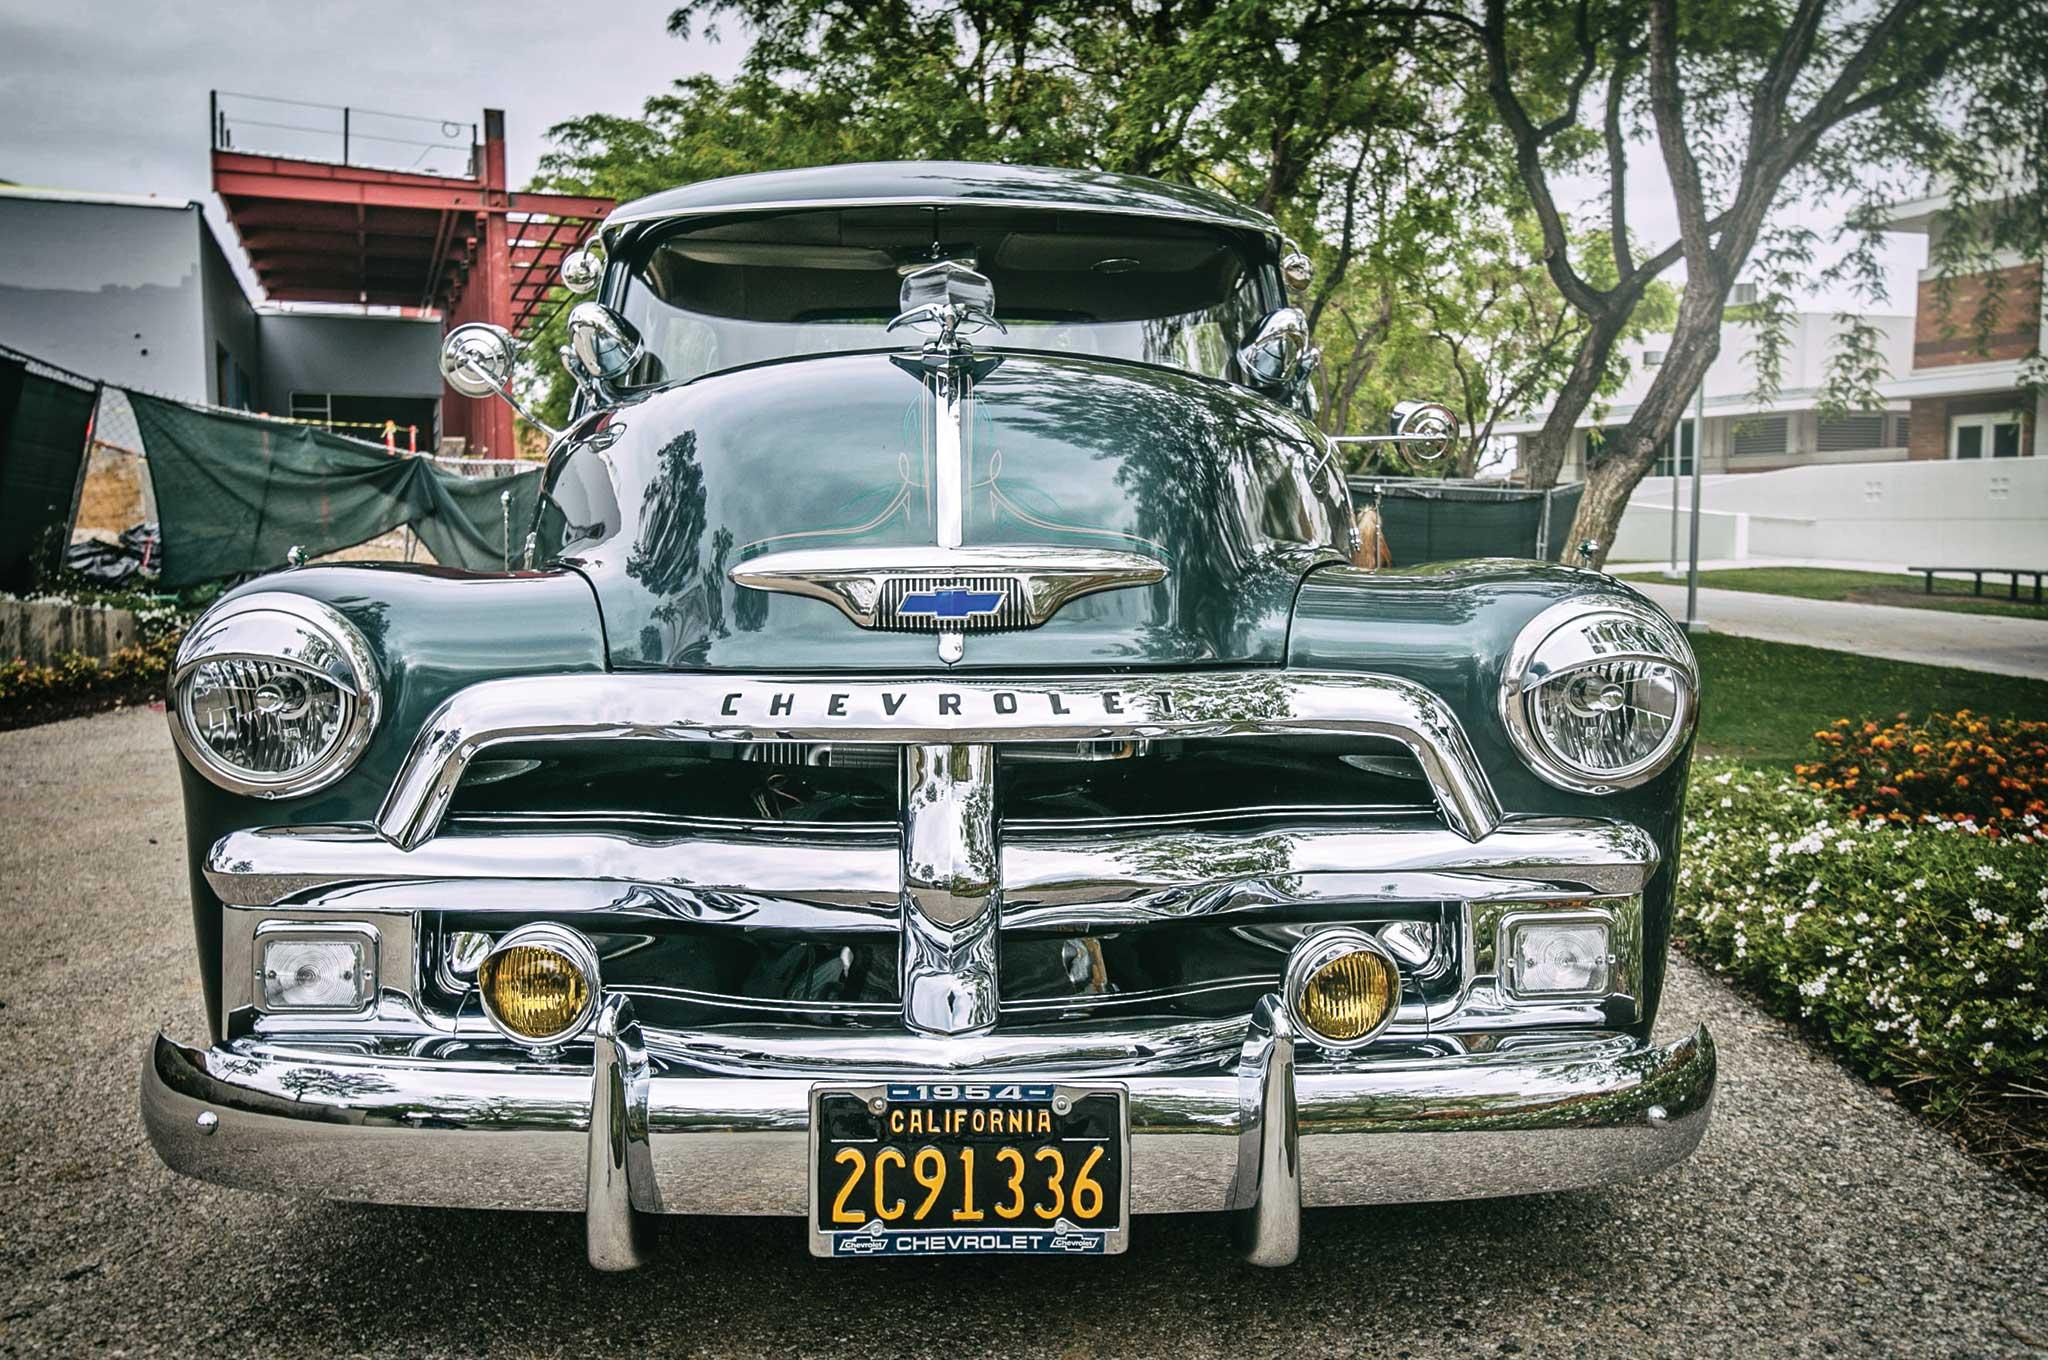 1954 Chevrolet 3100 El Don Lowrider Chevy Crew Cab 3 29